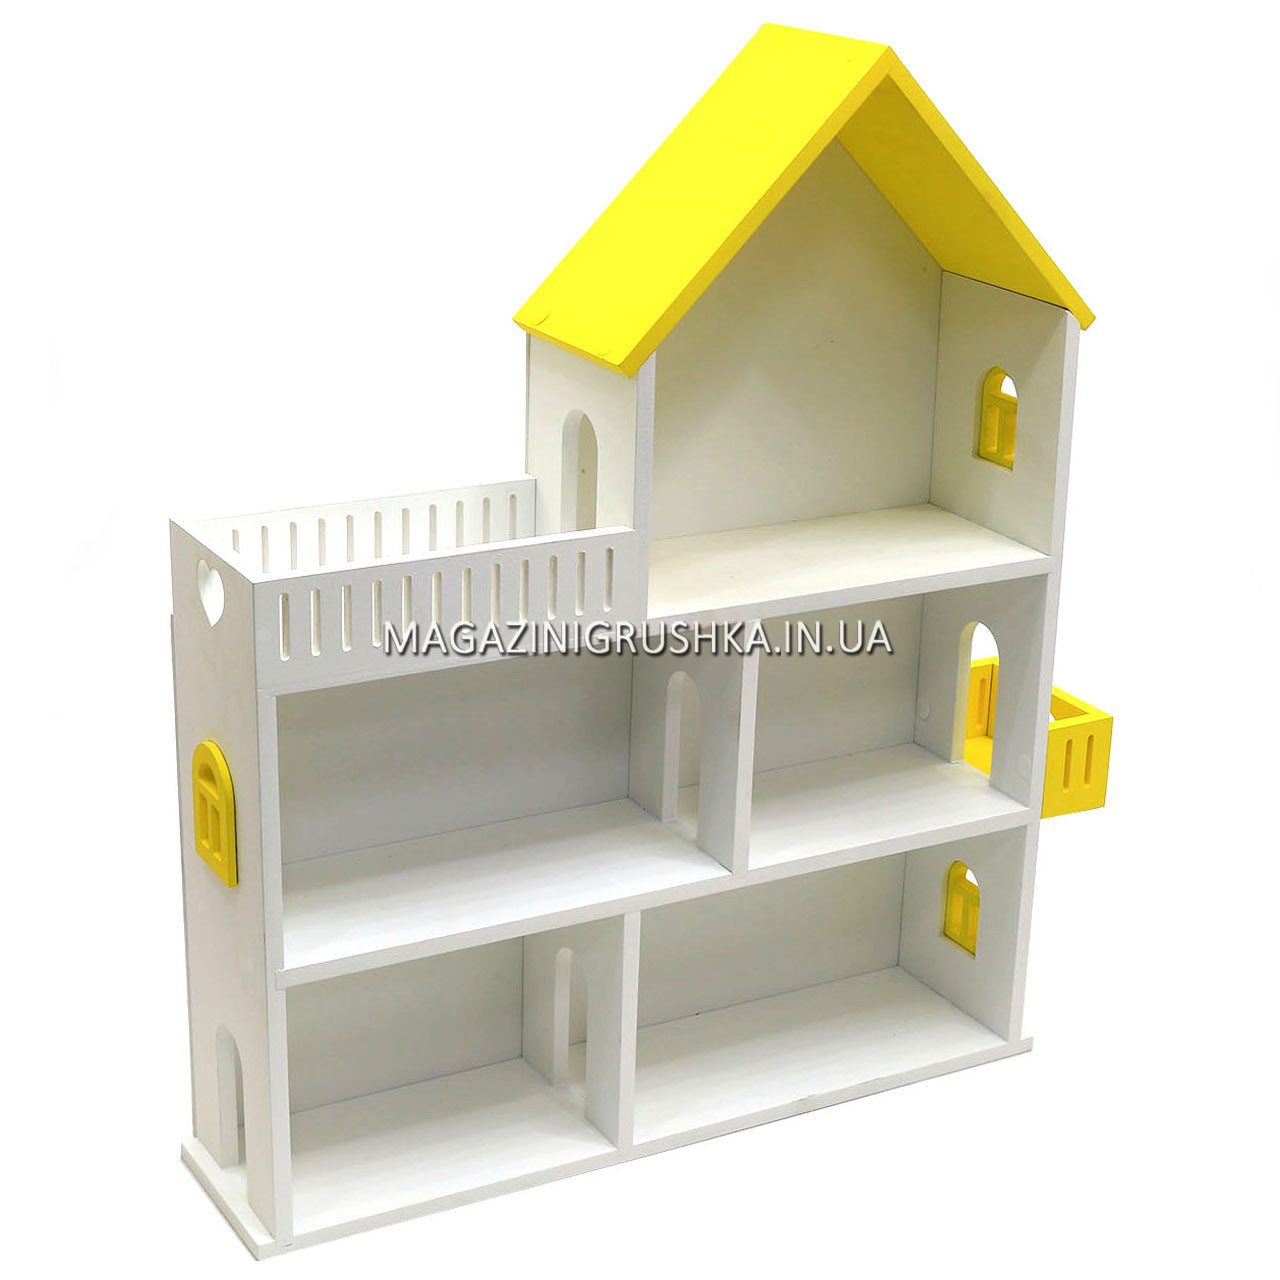 Игрушечный кукольный деревянный домик Мария (желтый). Обустройте домик для кукол LOL